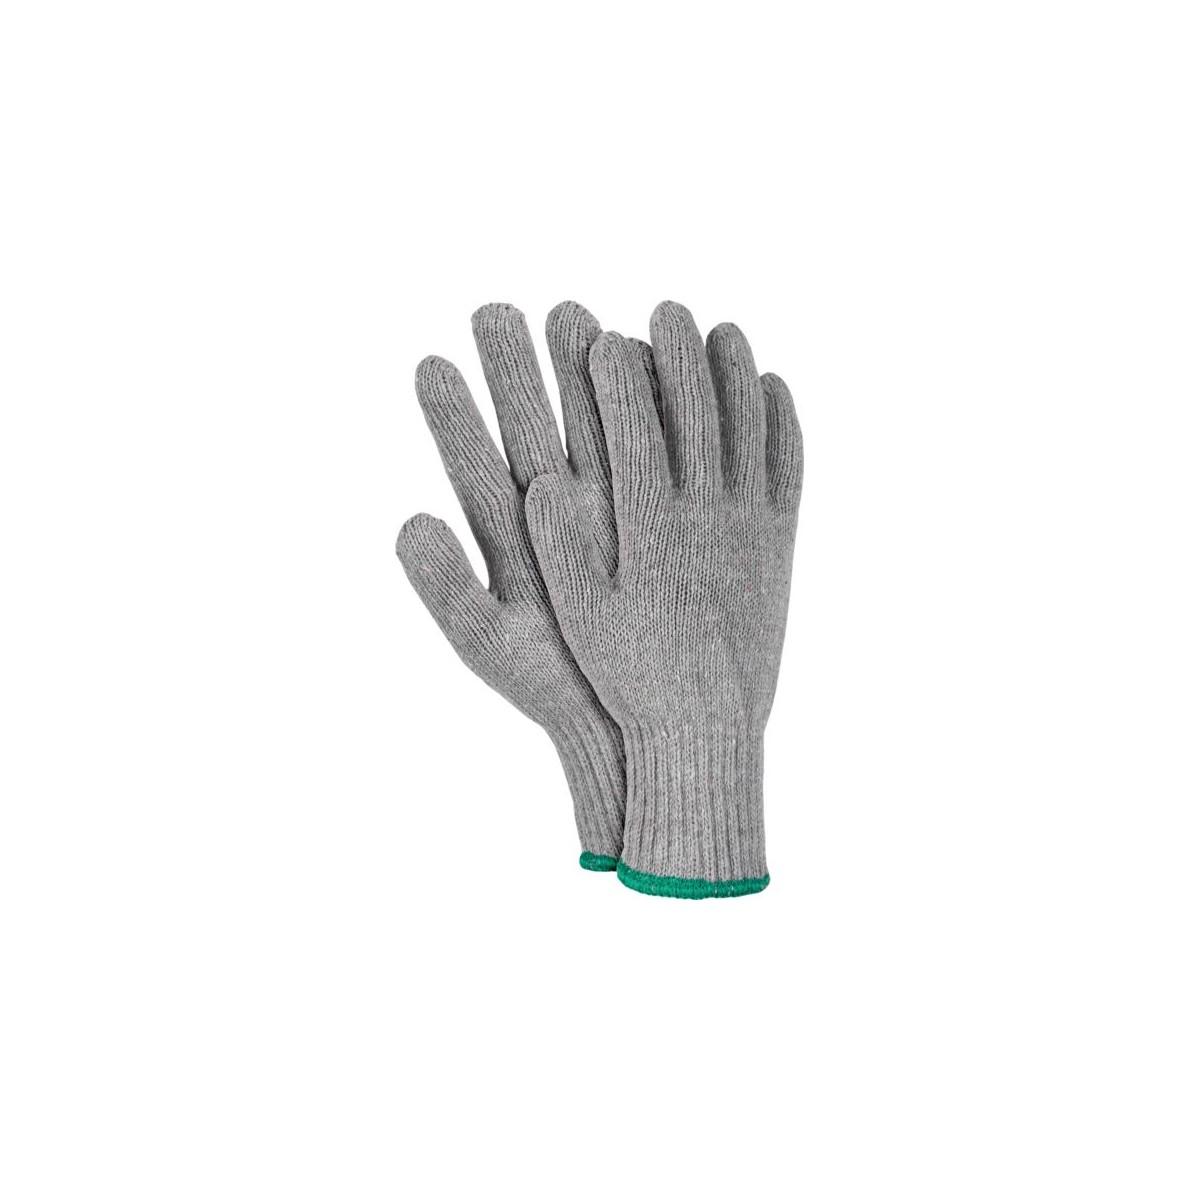 Rękawice ochronne z dzianiny REIS RDZ GREY szare r. 8 - 10